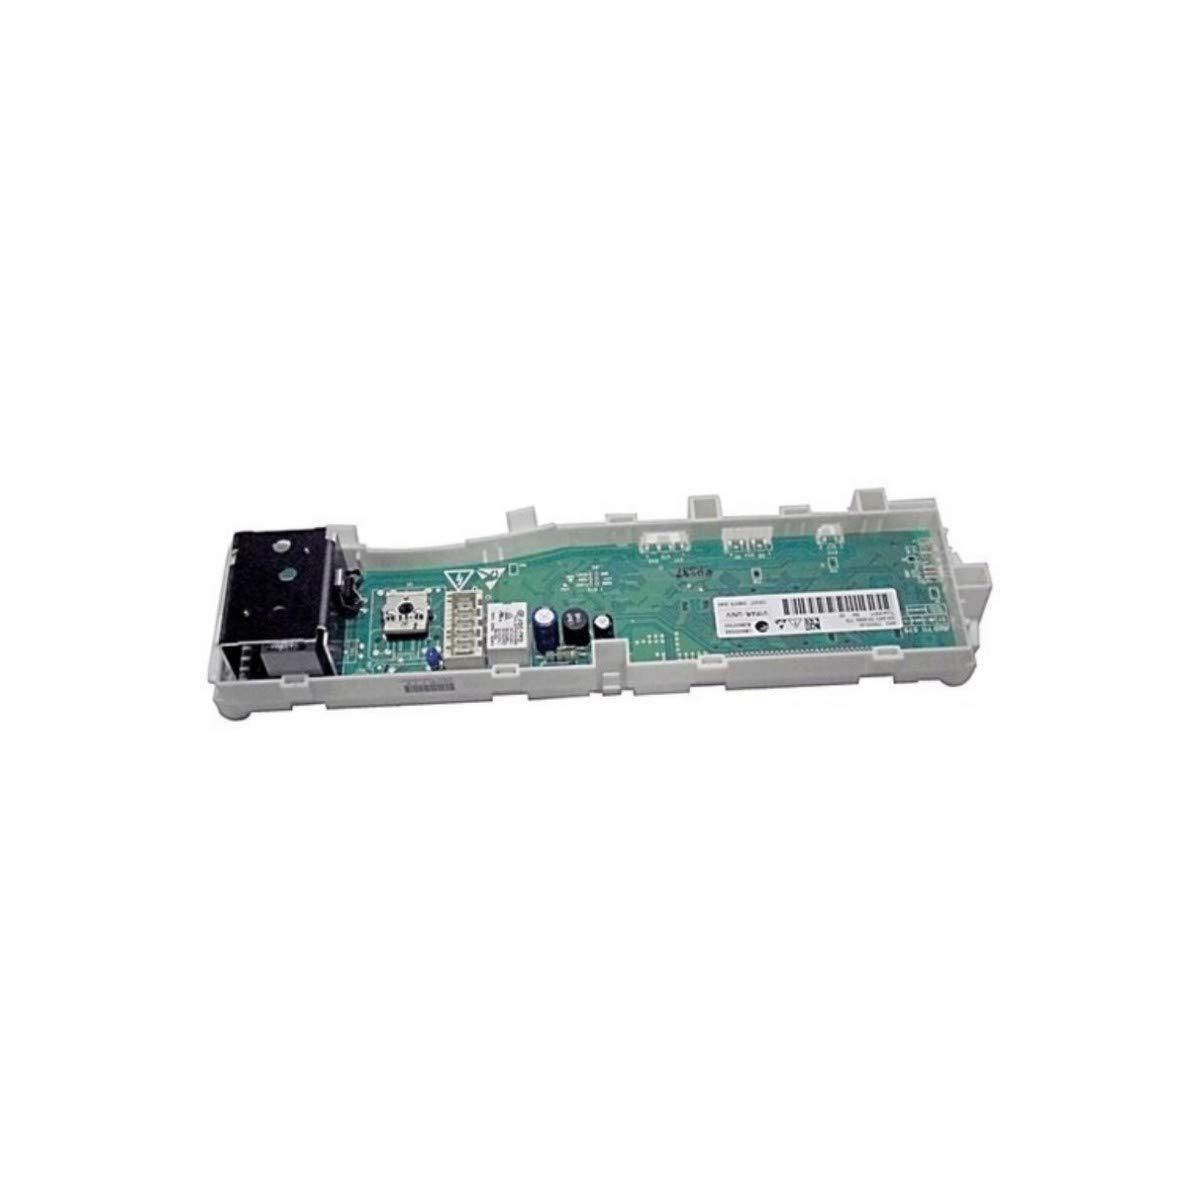 Modulo electronico Lavadora Fagor F1710 AS0014537: Amazon.es